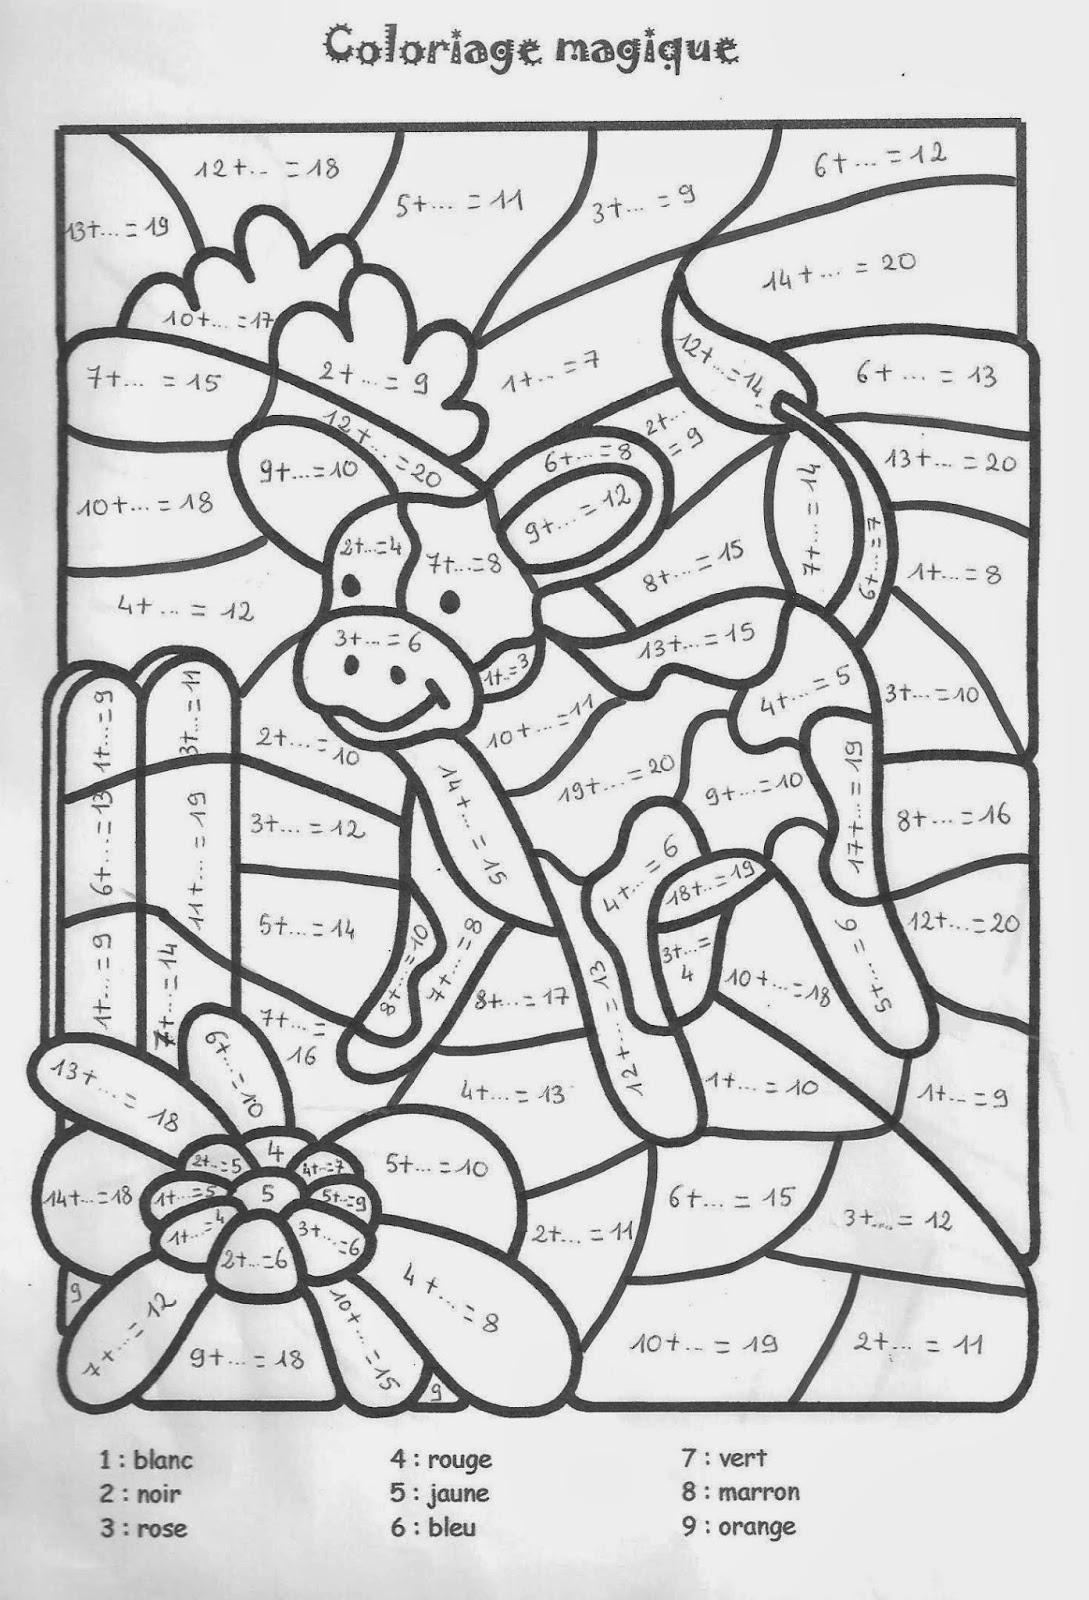 Coloriage Magique Lettre Majuscule intérieur Lettres Majuscules À Imprimer